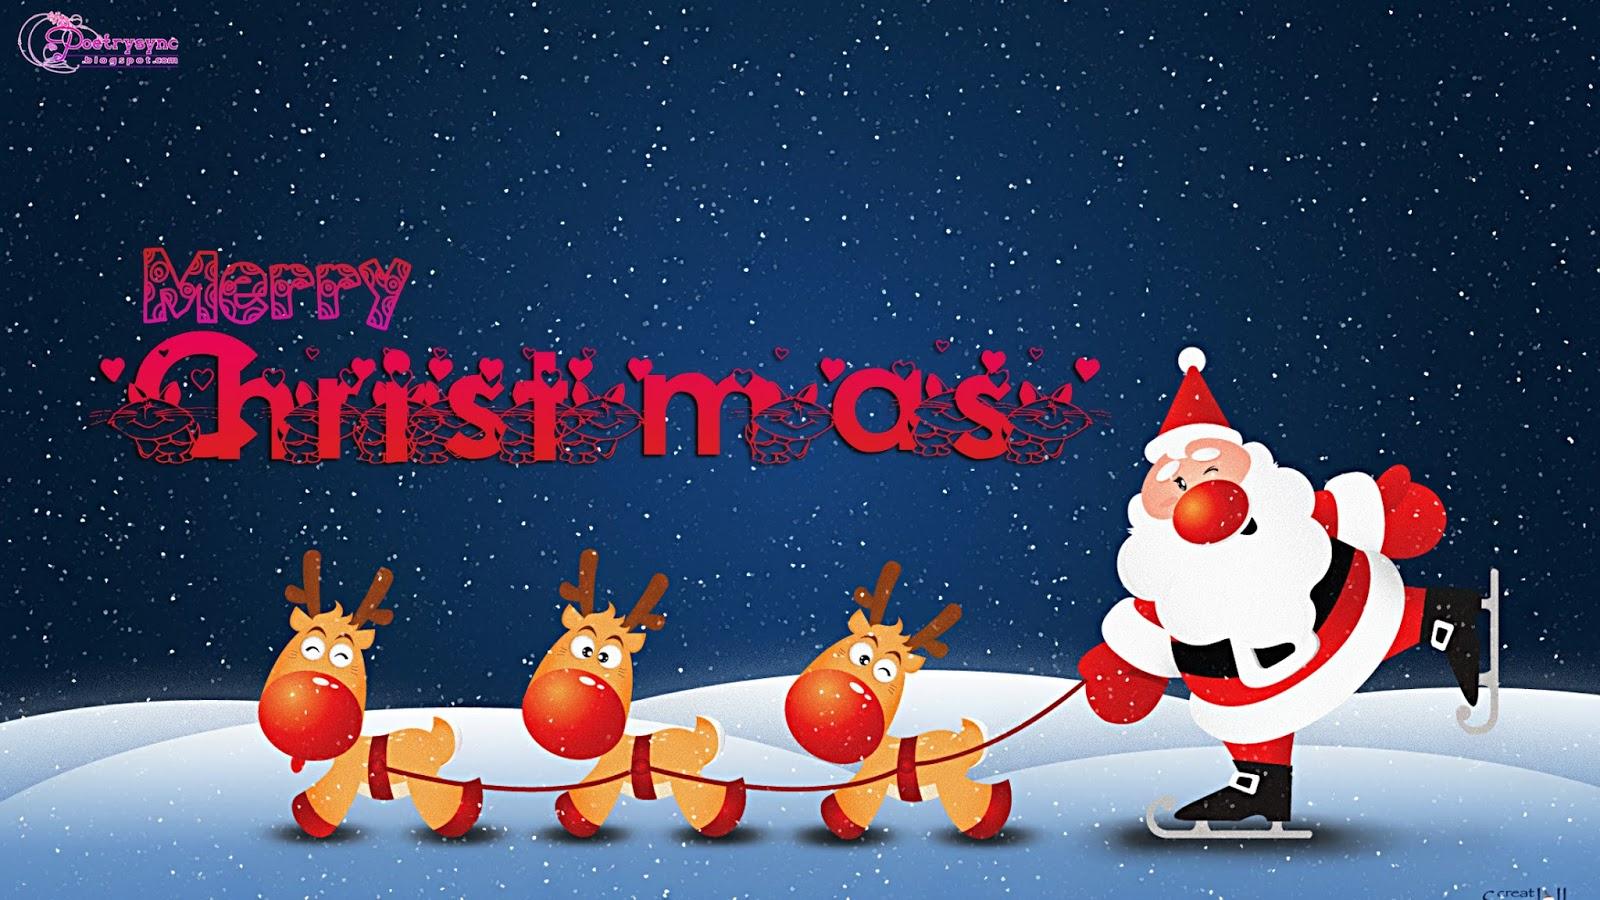 Cute Christmas Desktop Wallpaper Wallpapersafari